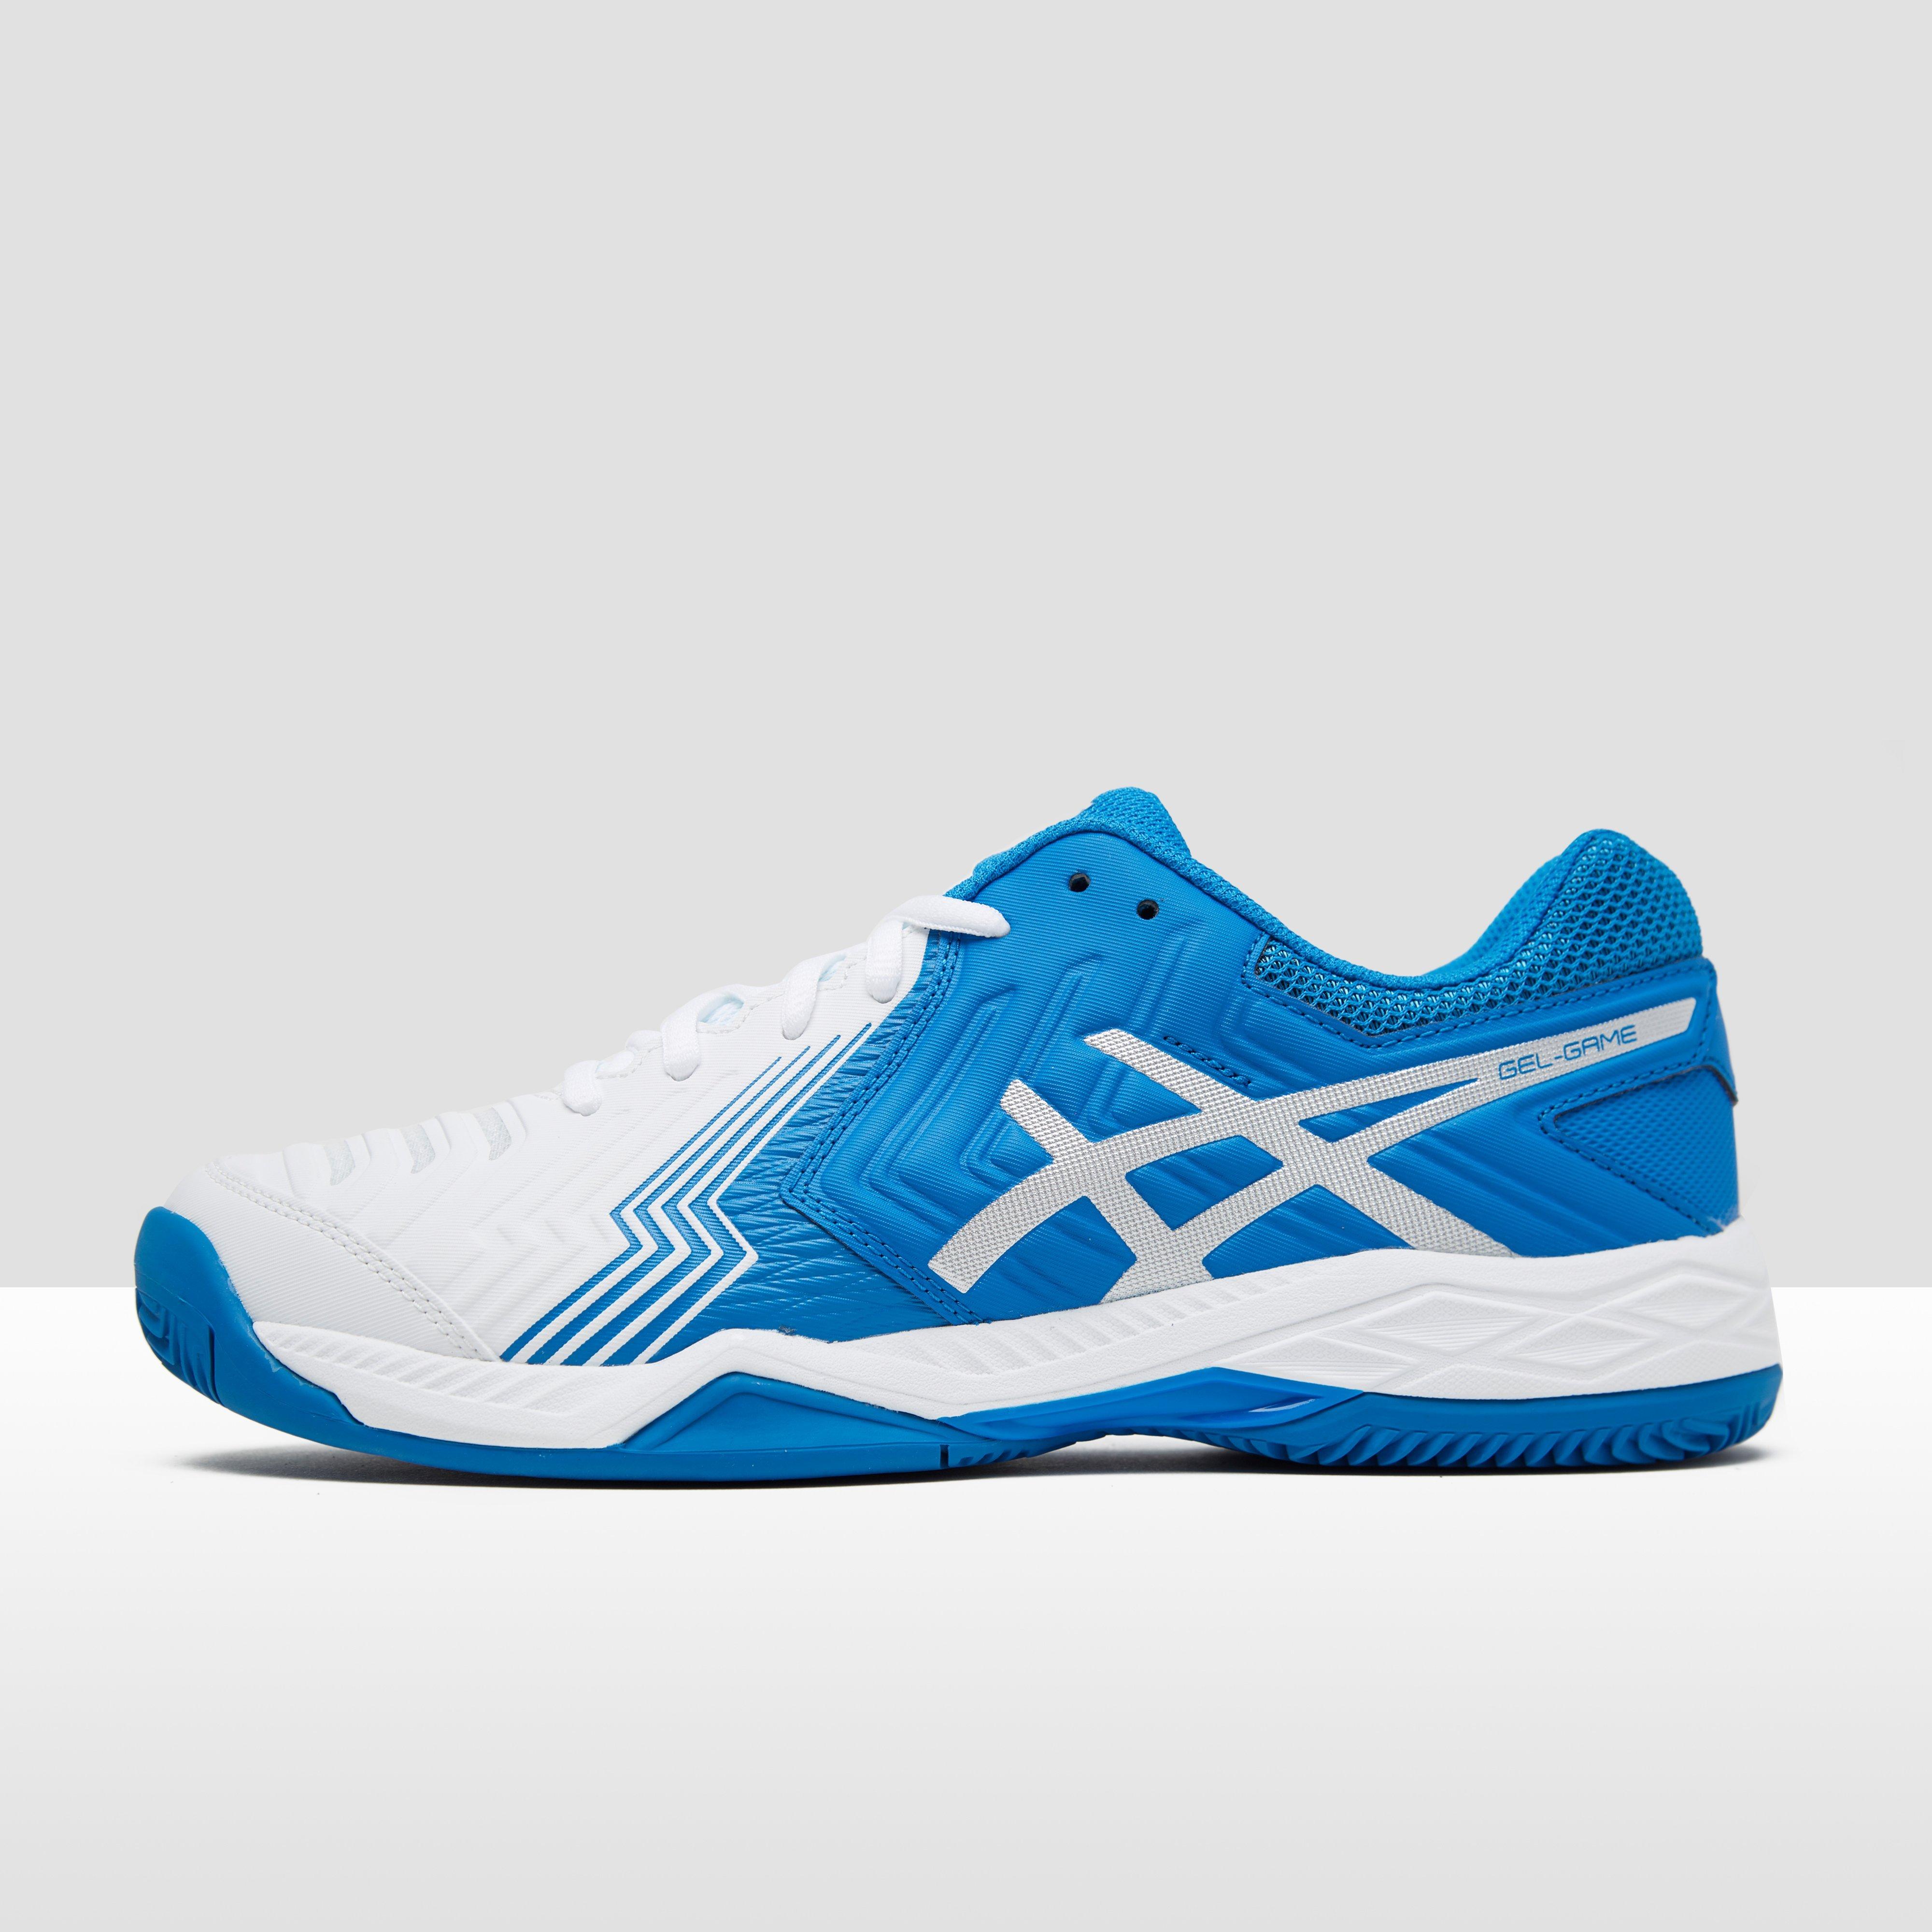 Gel - Asics-jeu Six Chaussures De Tennis En Terre Battue - Hommes - Chaussures - Blanc - 44 MvUqhX